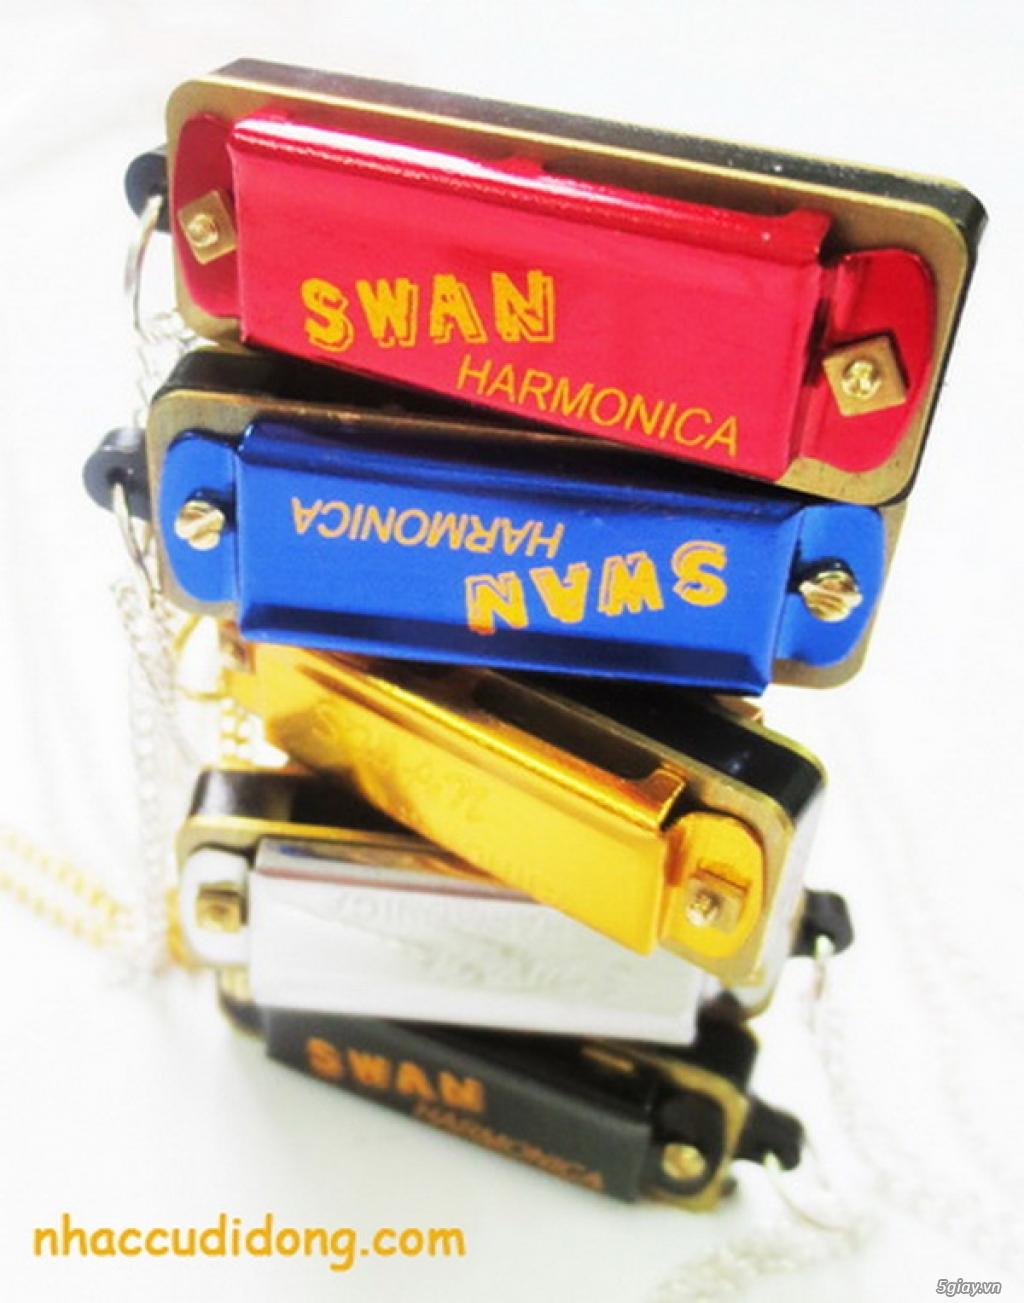 Nhaccudidong.com -Chuyên các loại harmonica, kèn, sáo, nhạc cụ nhỏ gọn - 10